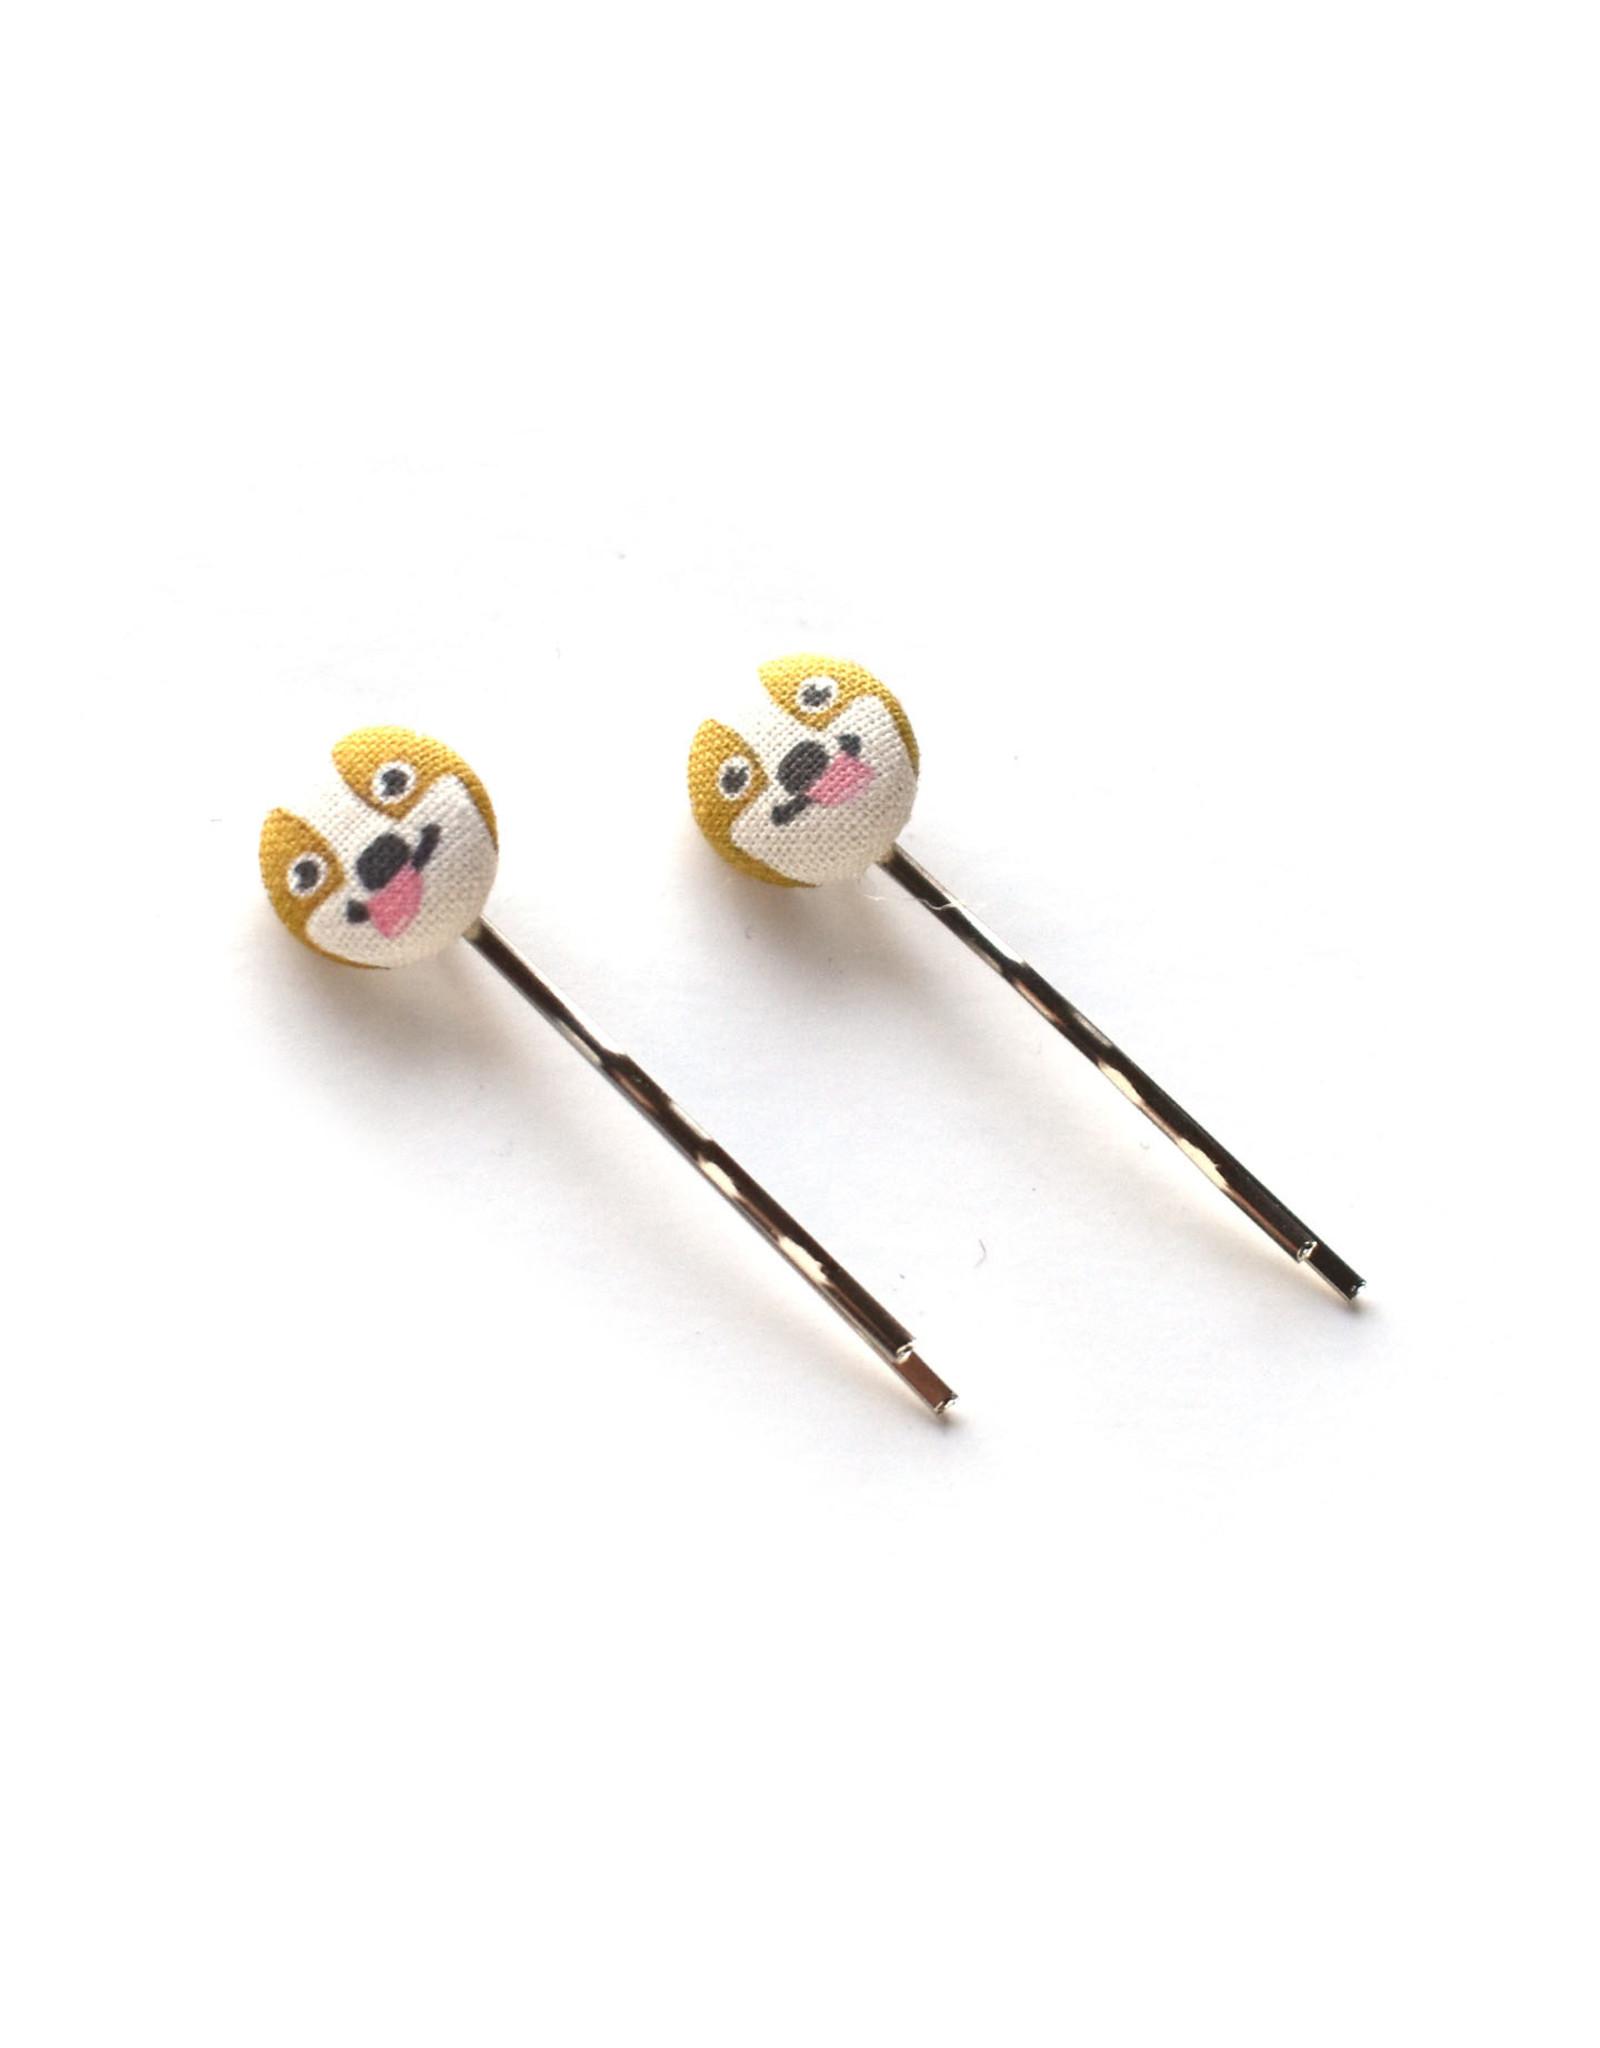 Corgi Hairpins